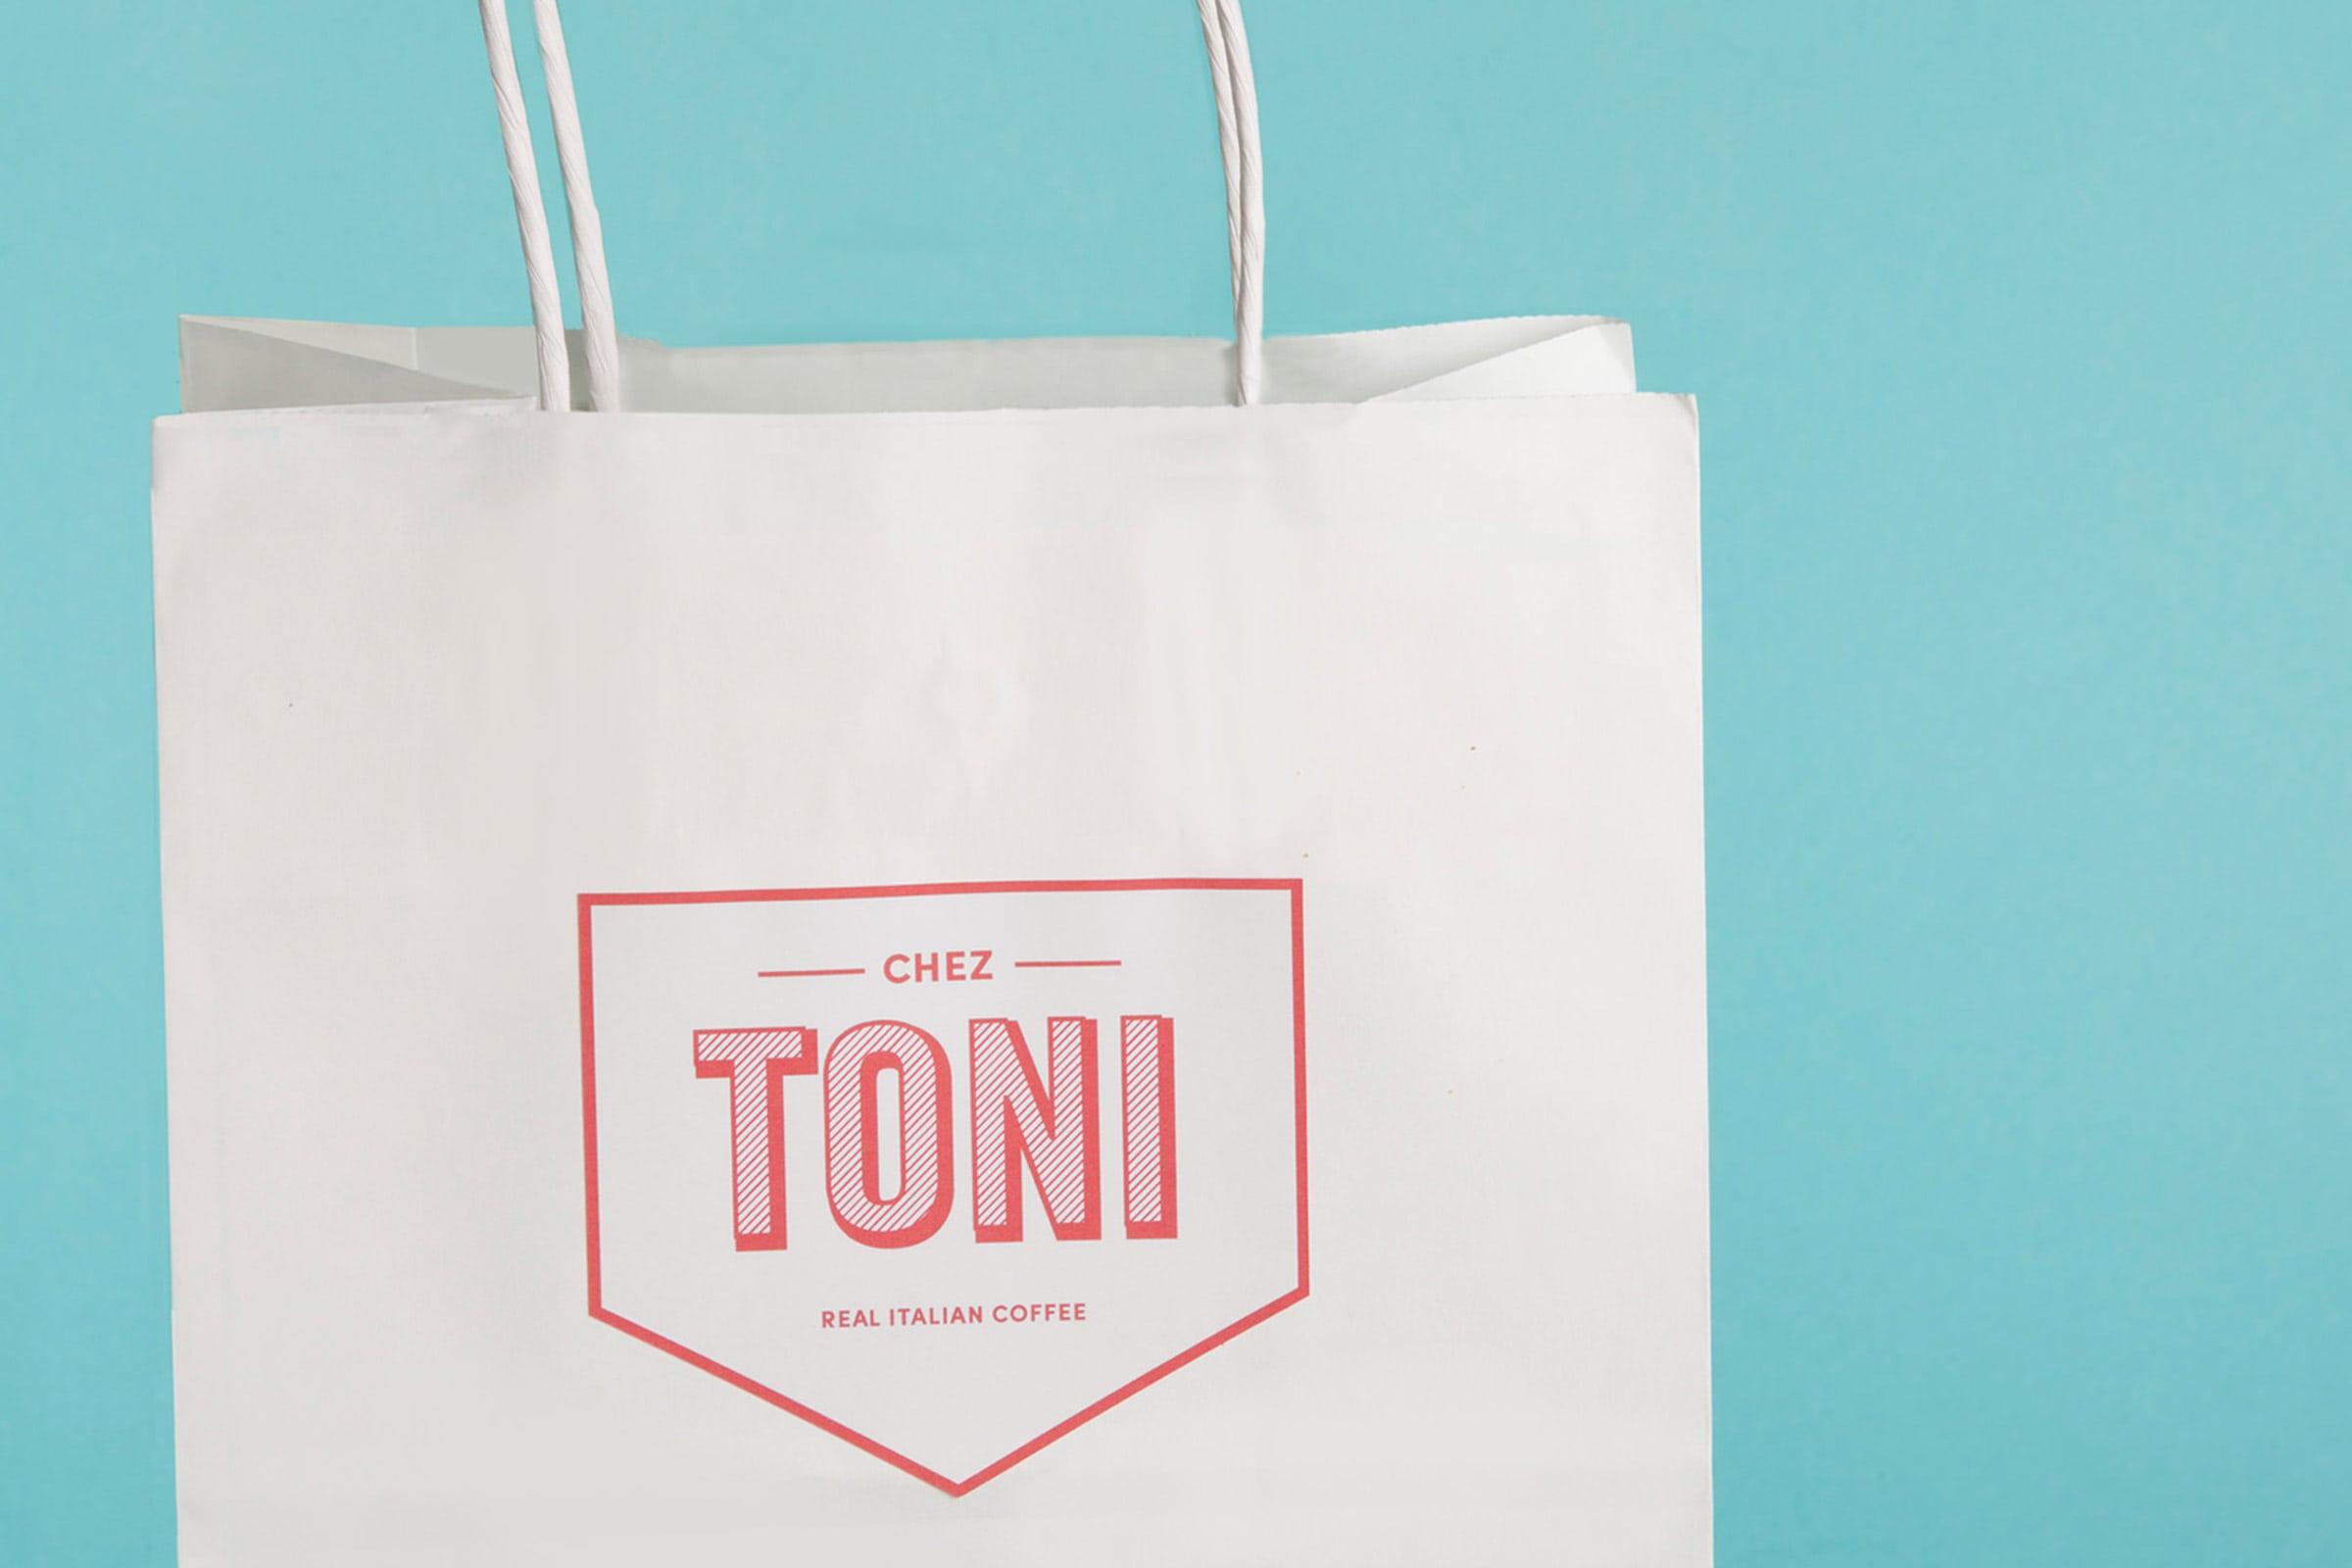 chez toni, speisekarte, vodafone, vodafone campus, düsseldorf, restaurant branding, tüte